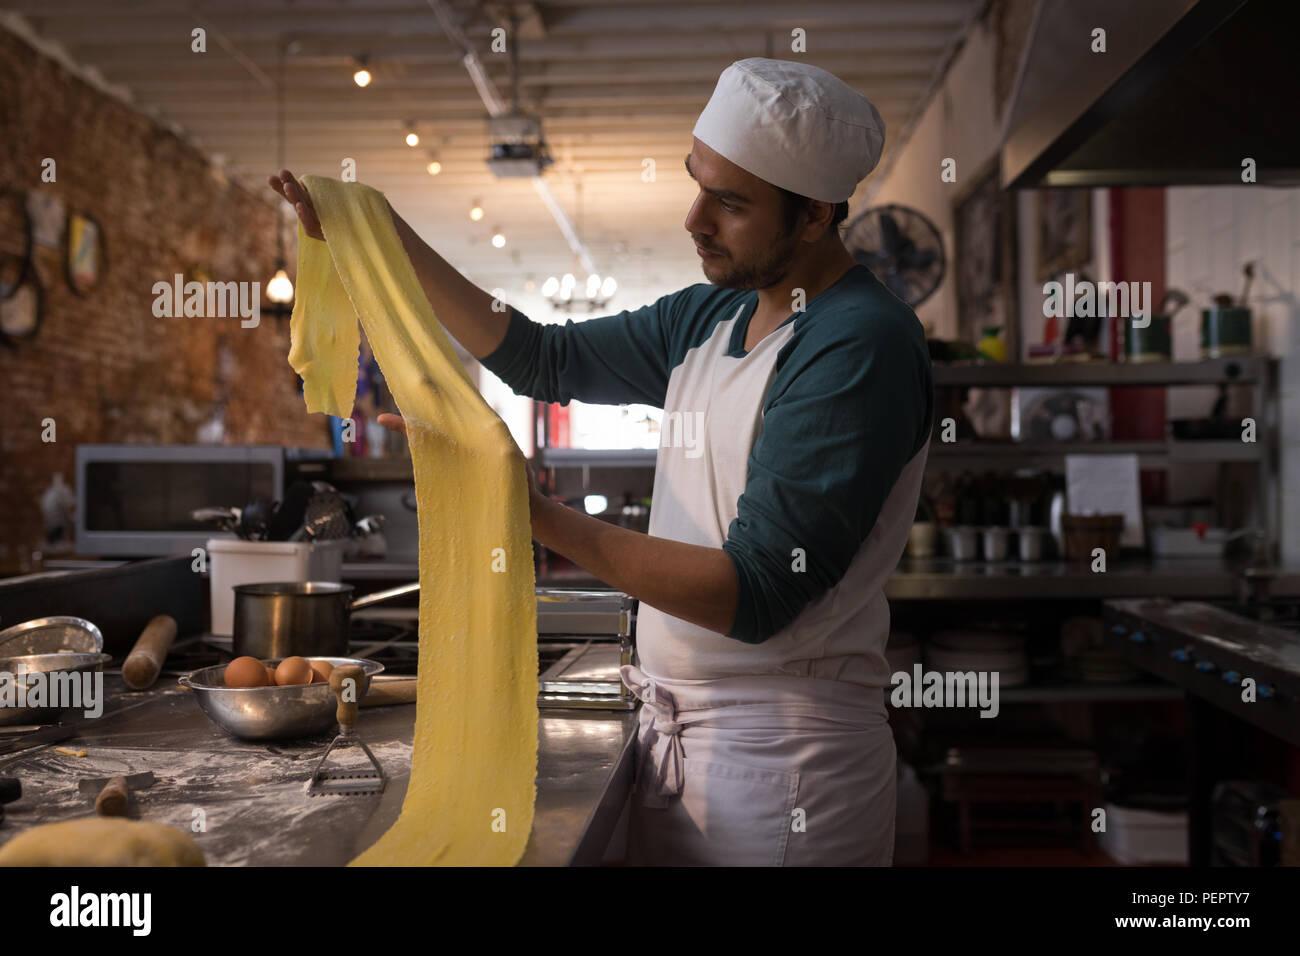 Baker preparing pasta in bakery - Stock Image